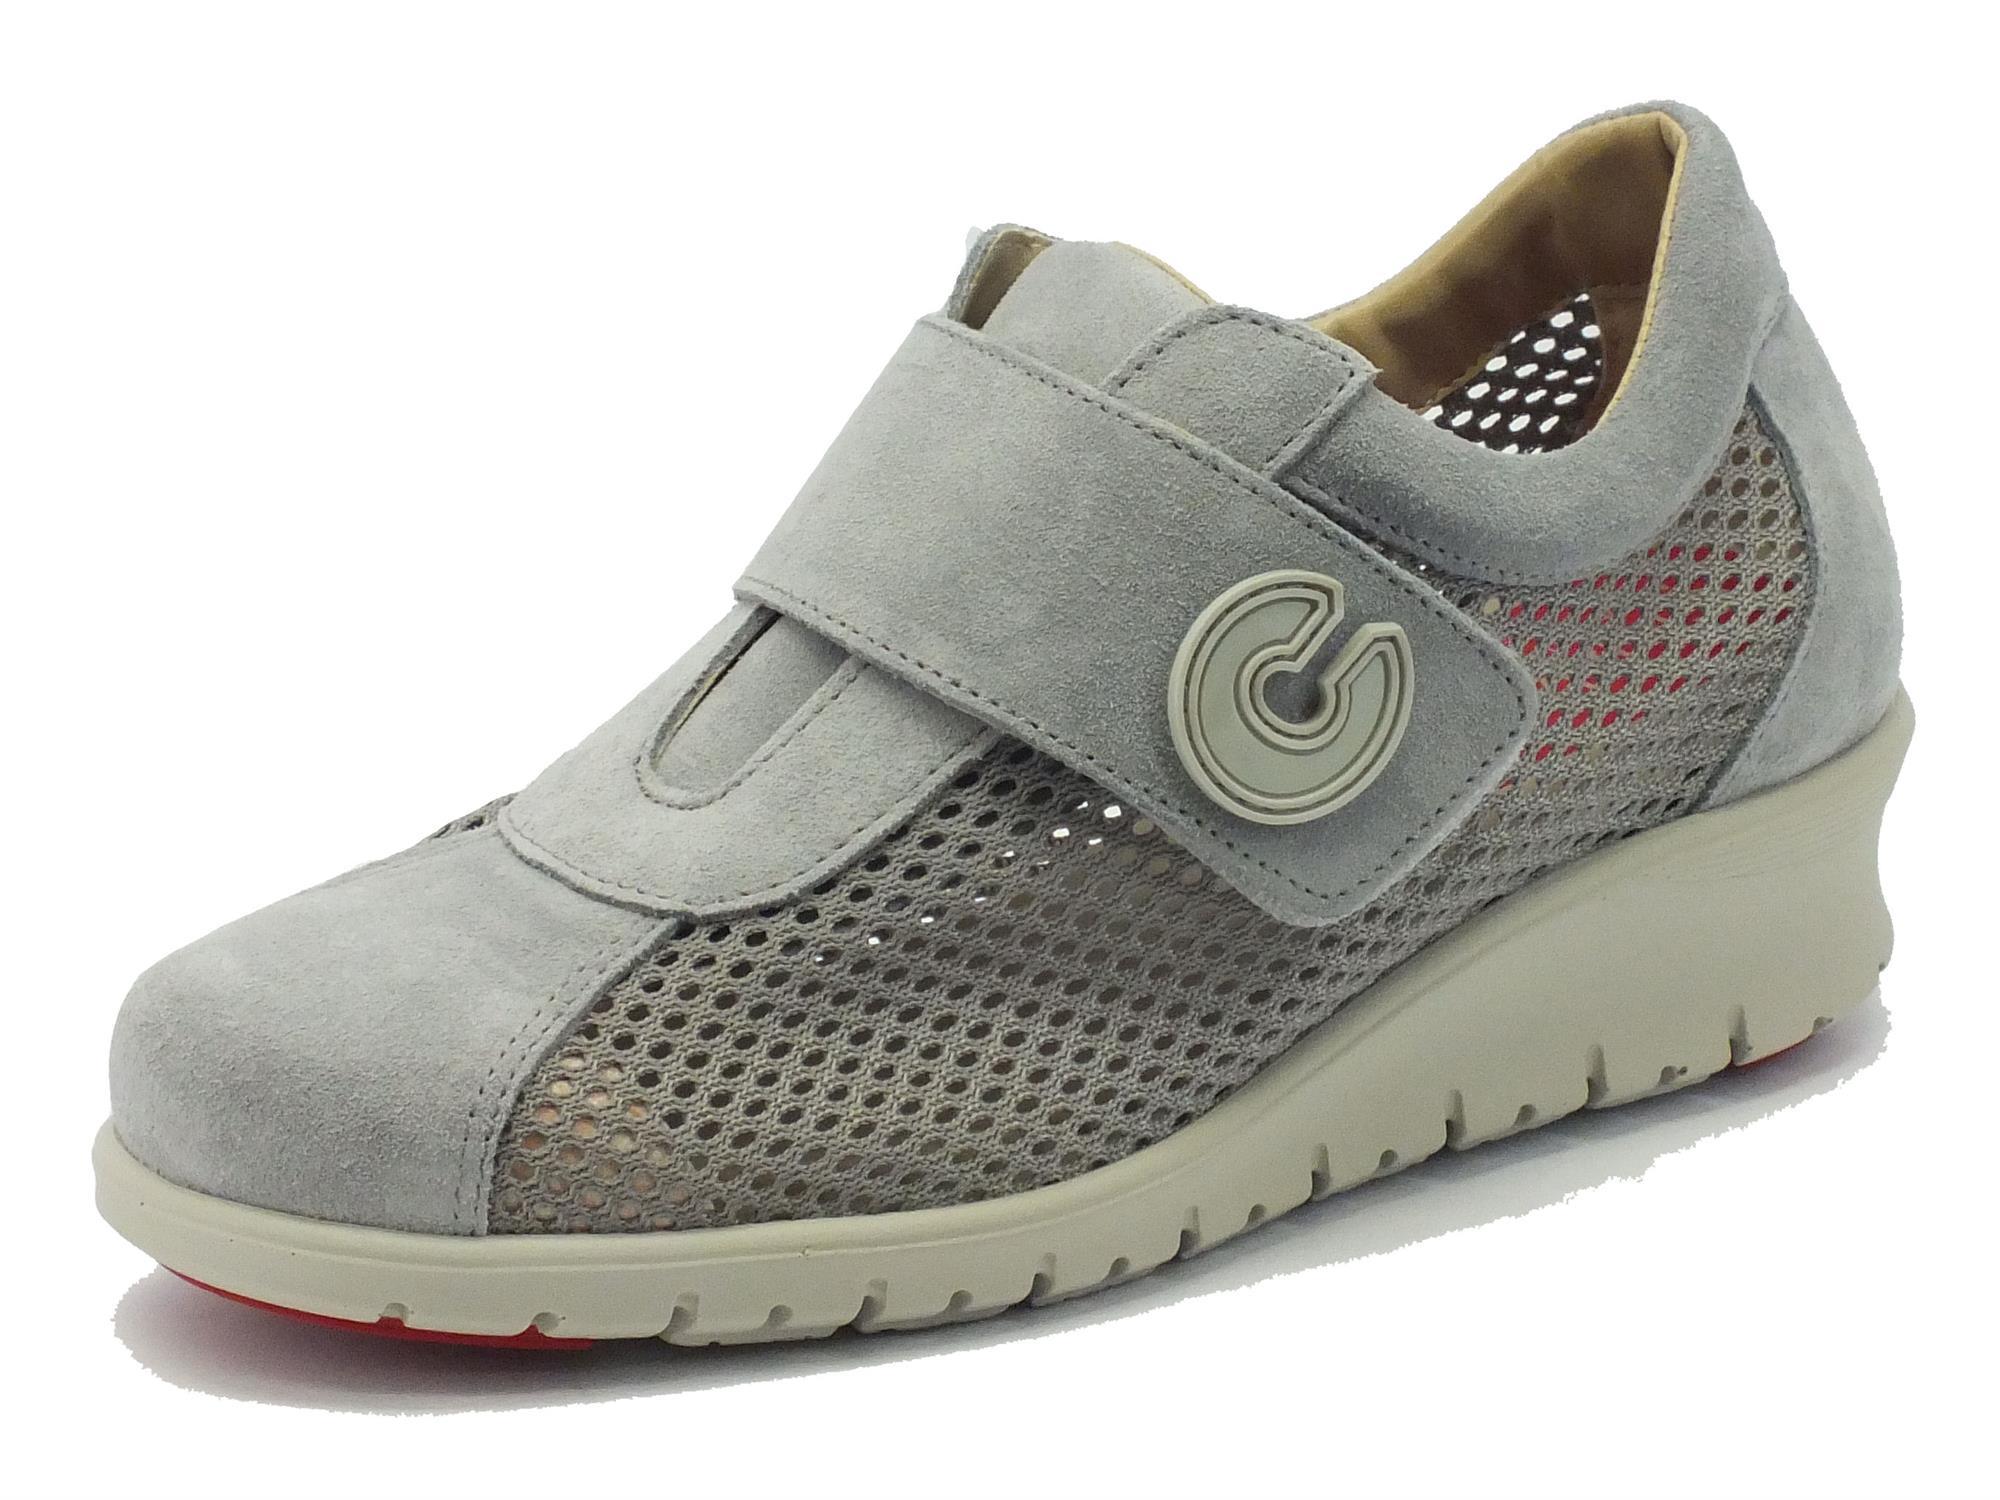 f18296db7f126 Sneakers Cinzia Soft donna nabuk grigio traforato strappo - Vitiello ...